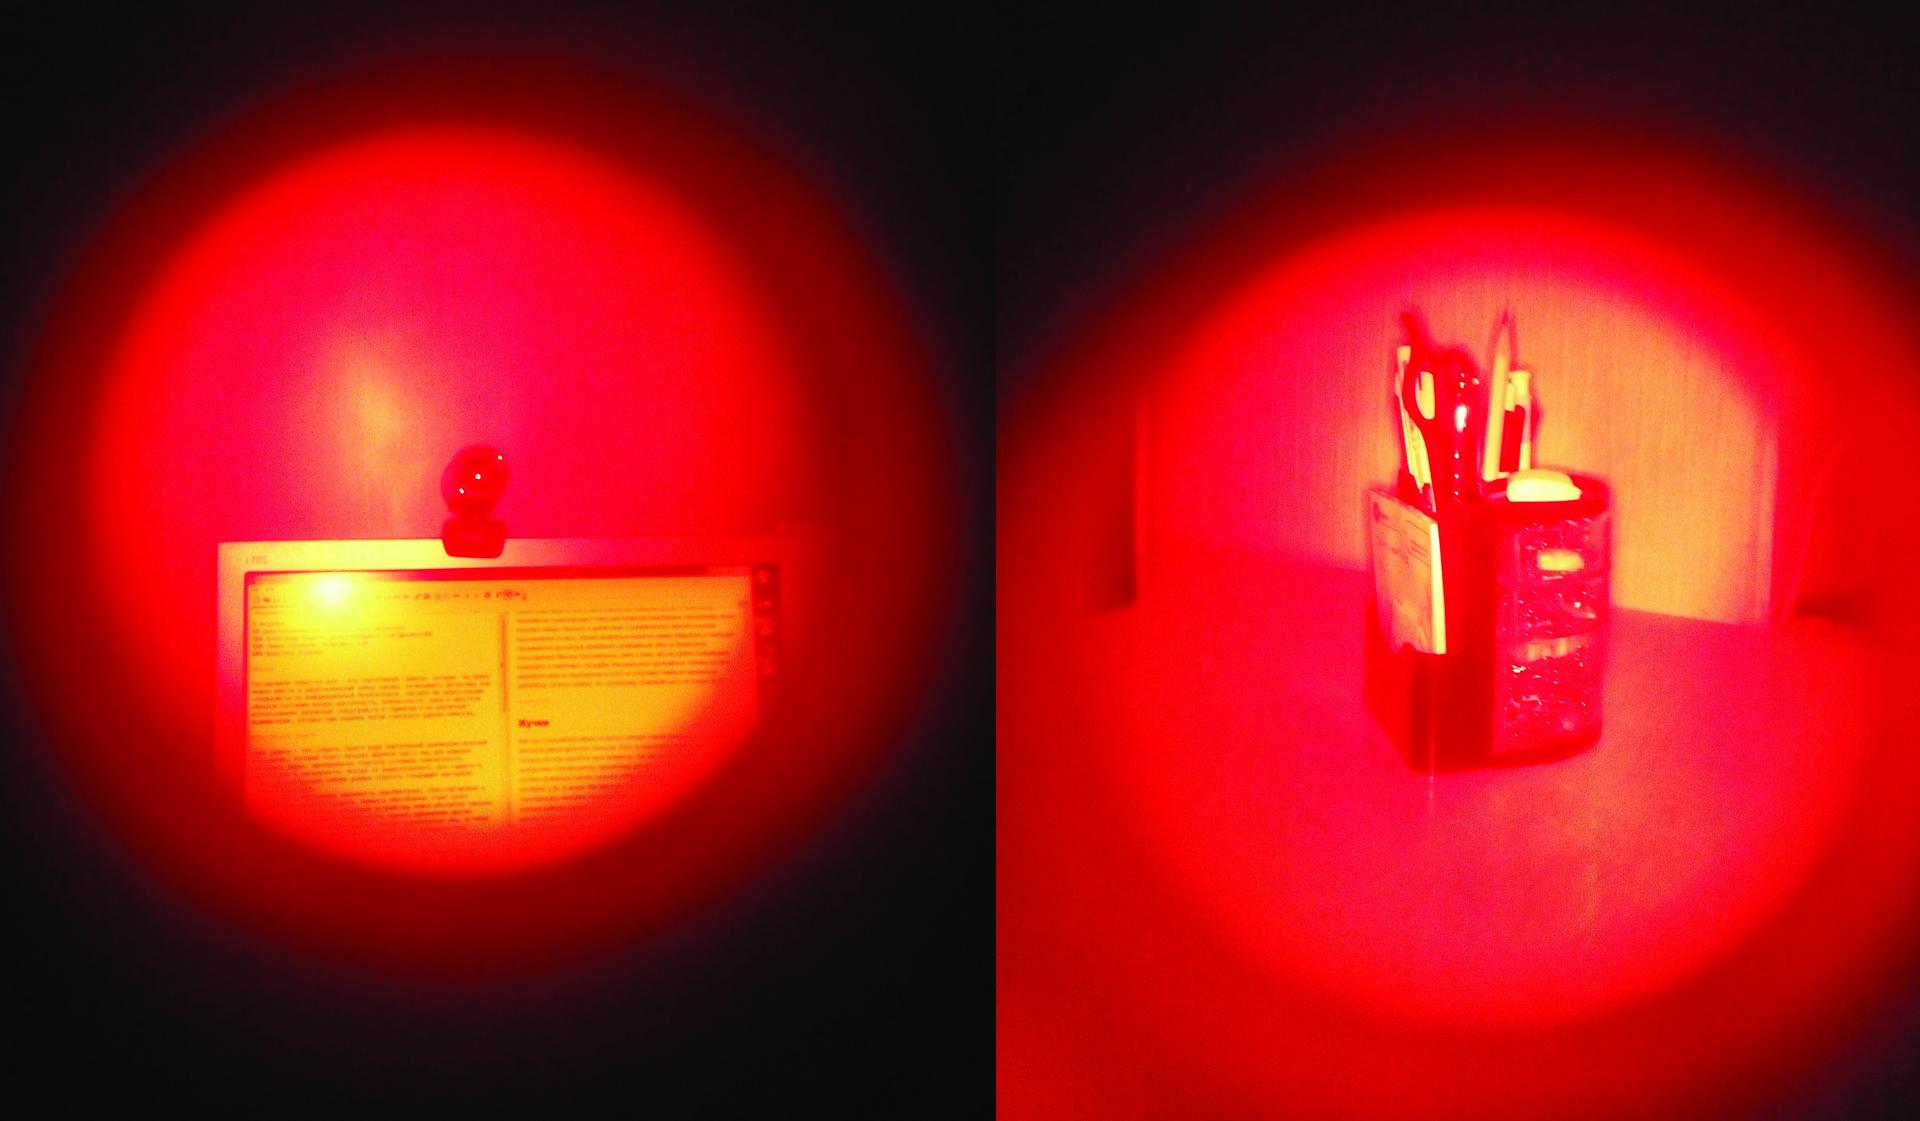 Пріховані відео камери вбаранівка фото 447-973